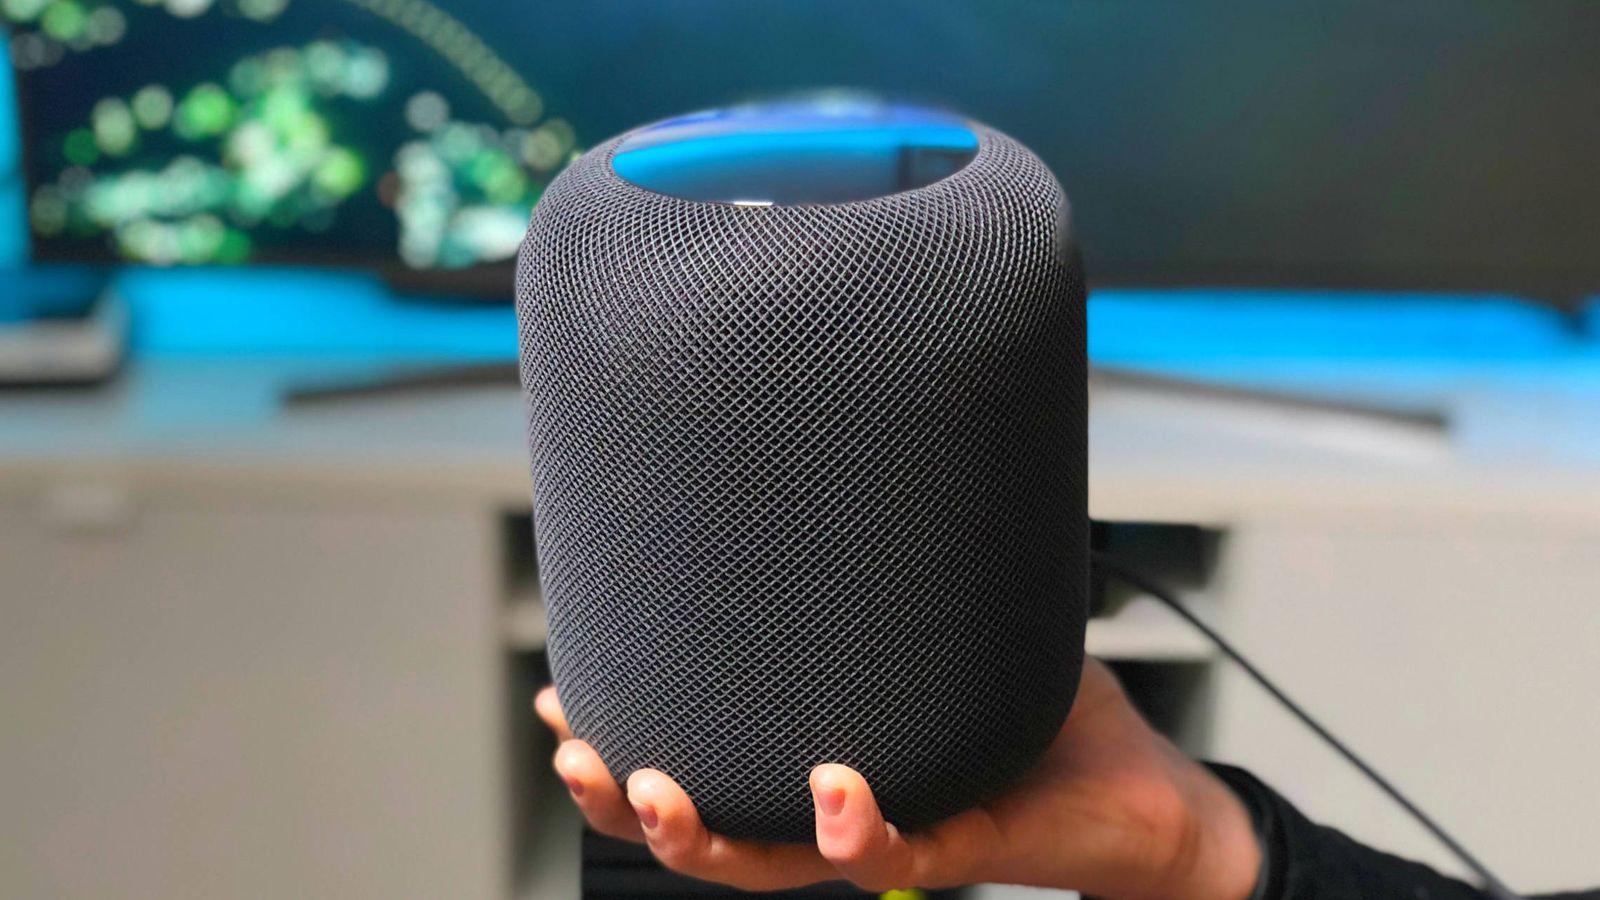 Análisis altavoz Apple HomePod